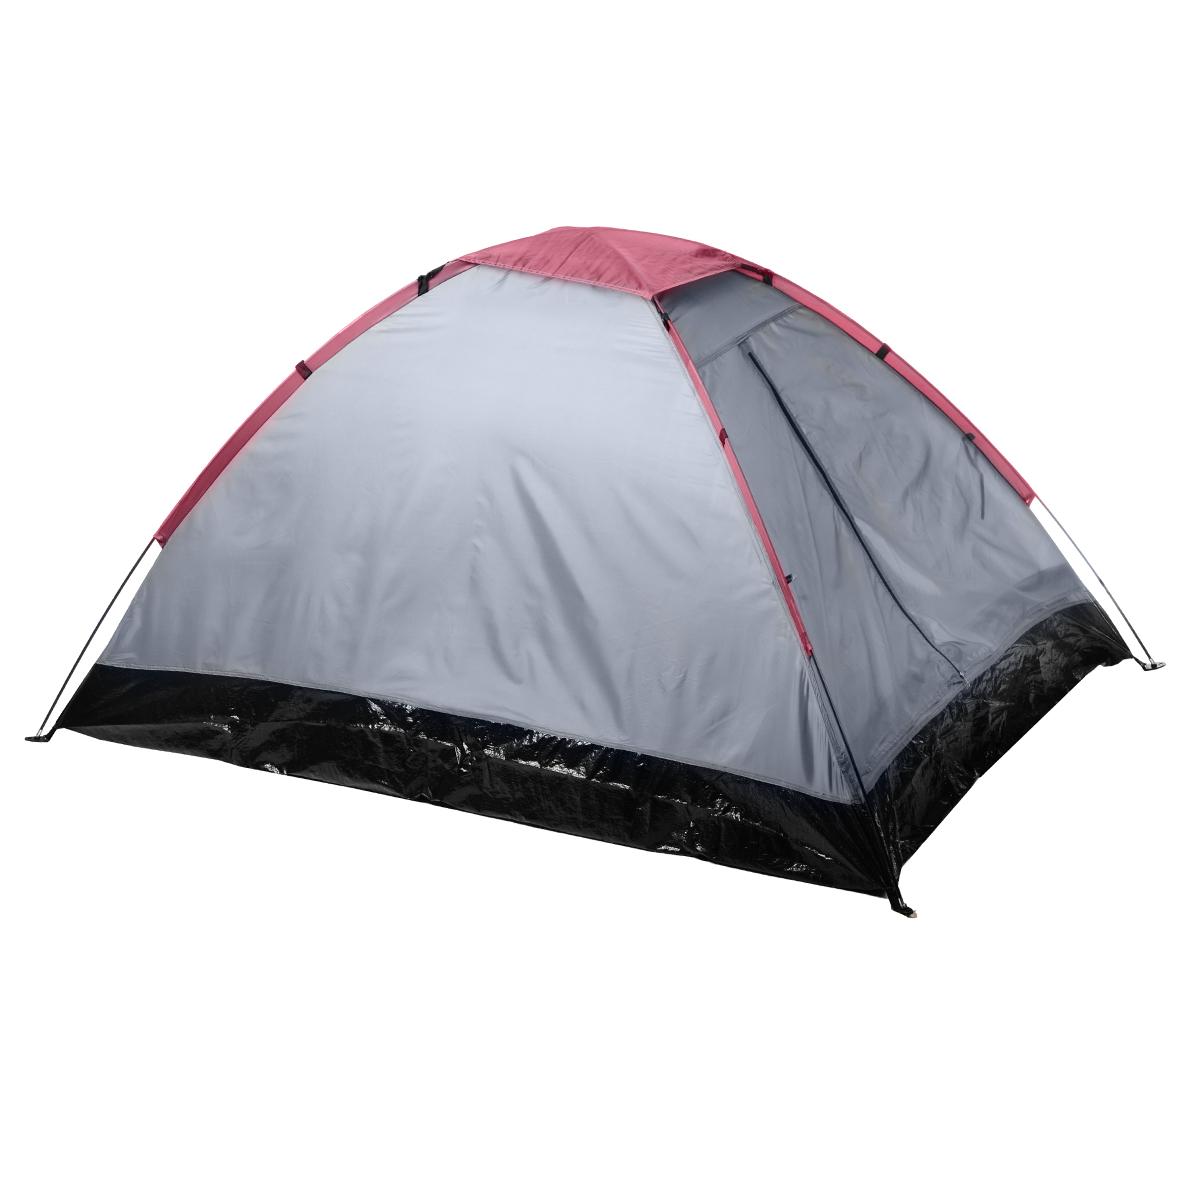 Палатка двухместная однослойная Reking, цвет: синийTK-144Универсальная палатка для Reking туристических походов. Имеет минимальный вес среди всех туристических палаток с фибергласовыми дугами, при этом обеспечивая оптимальное пространство пользователям. Материал тента: полиэстер 190 PU; Материал дна: PE Материал дуг: фиберглас 6,9 мм.